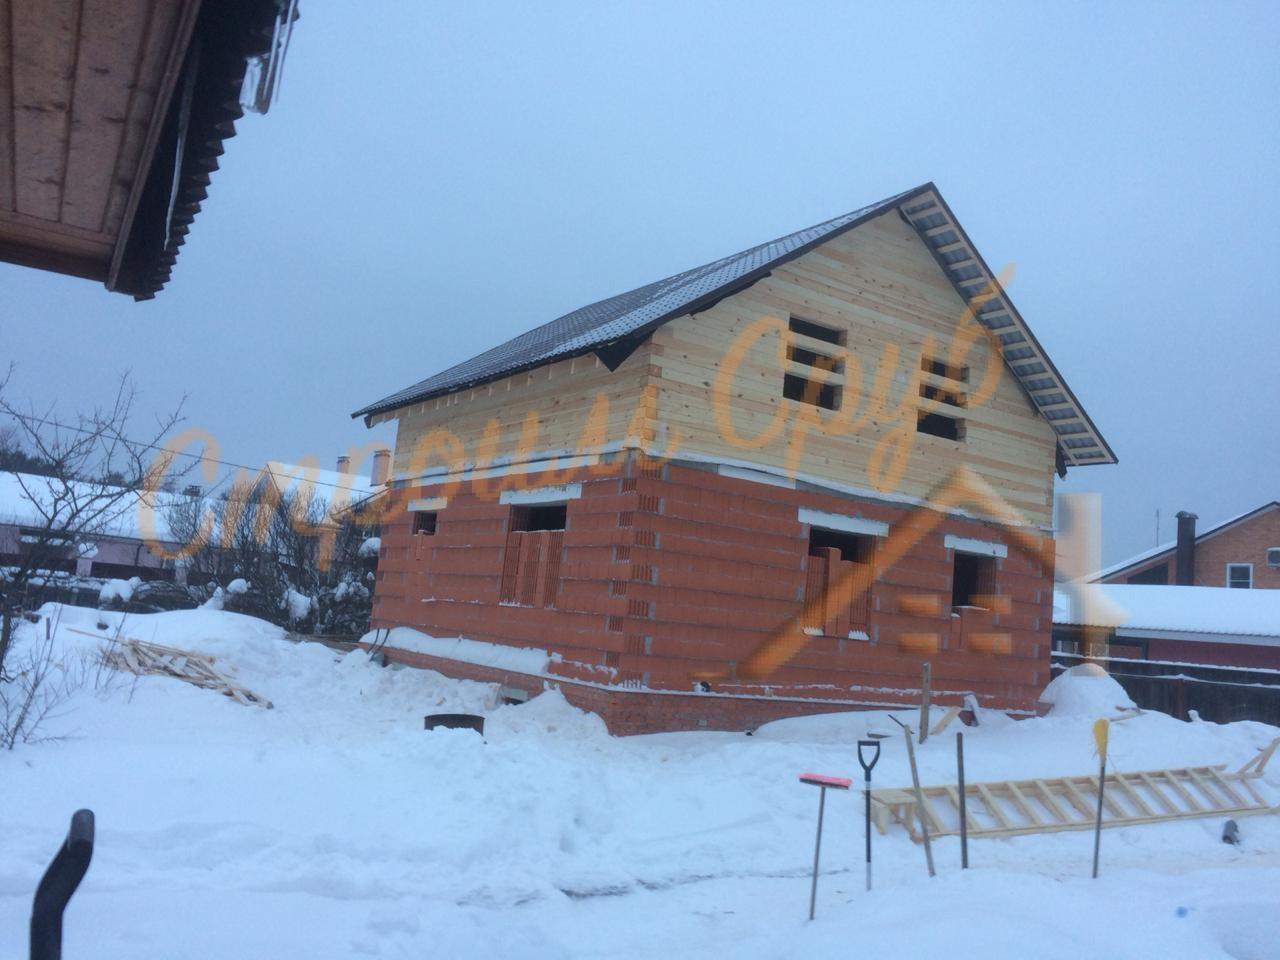 Завершено строительство дома в Орехово-зуевском районе, МО